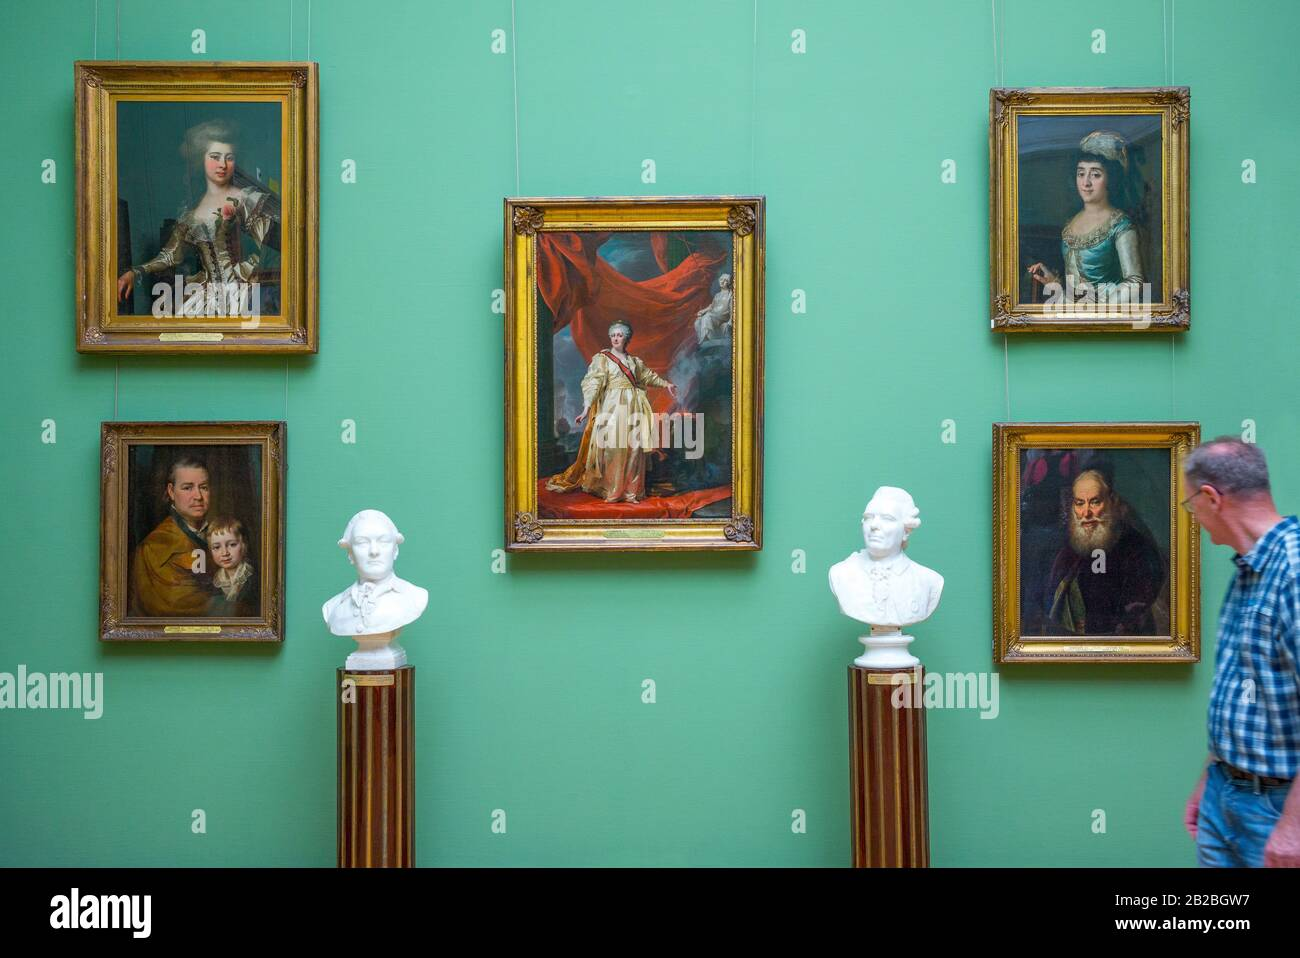 Moskau, Russland, Meisterwerke der russischen Kunst in der Tretjakow-Galerie Stockfoto